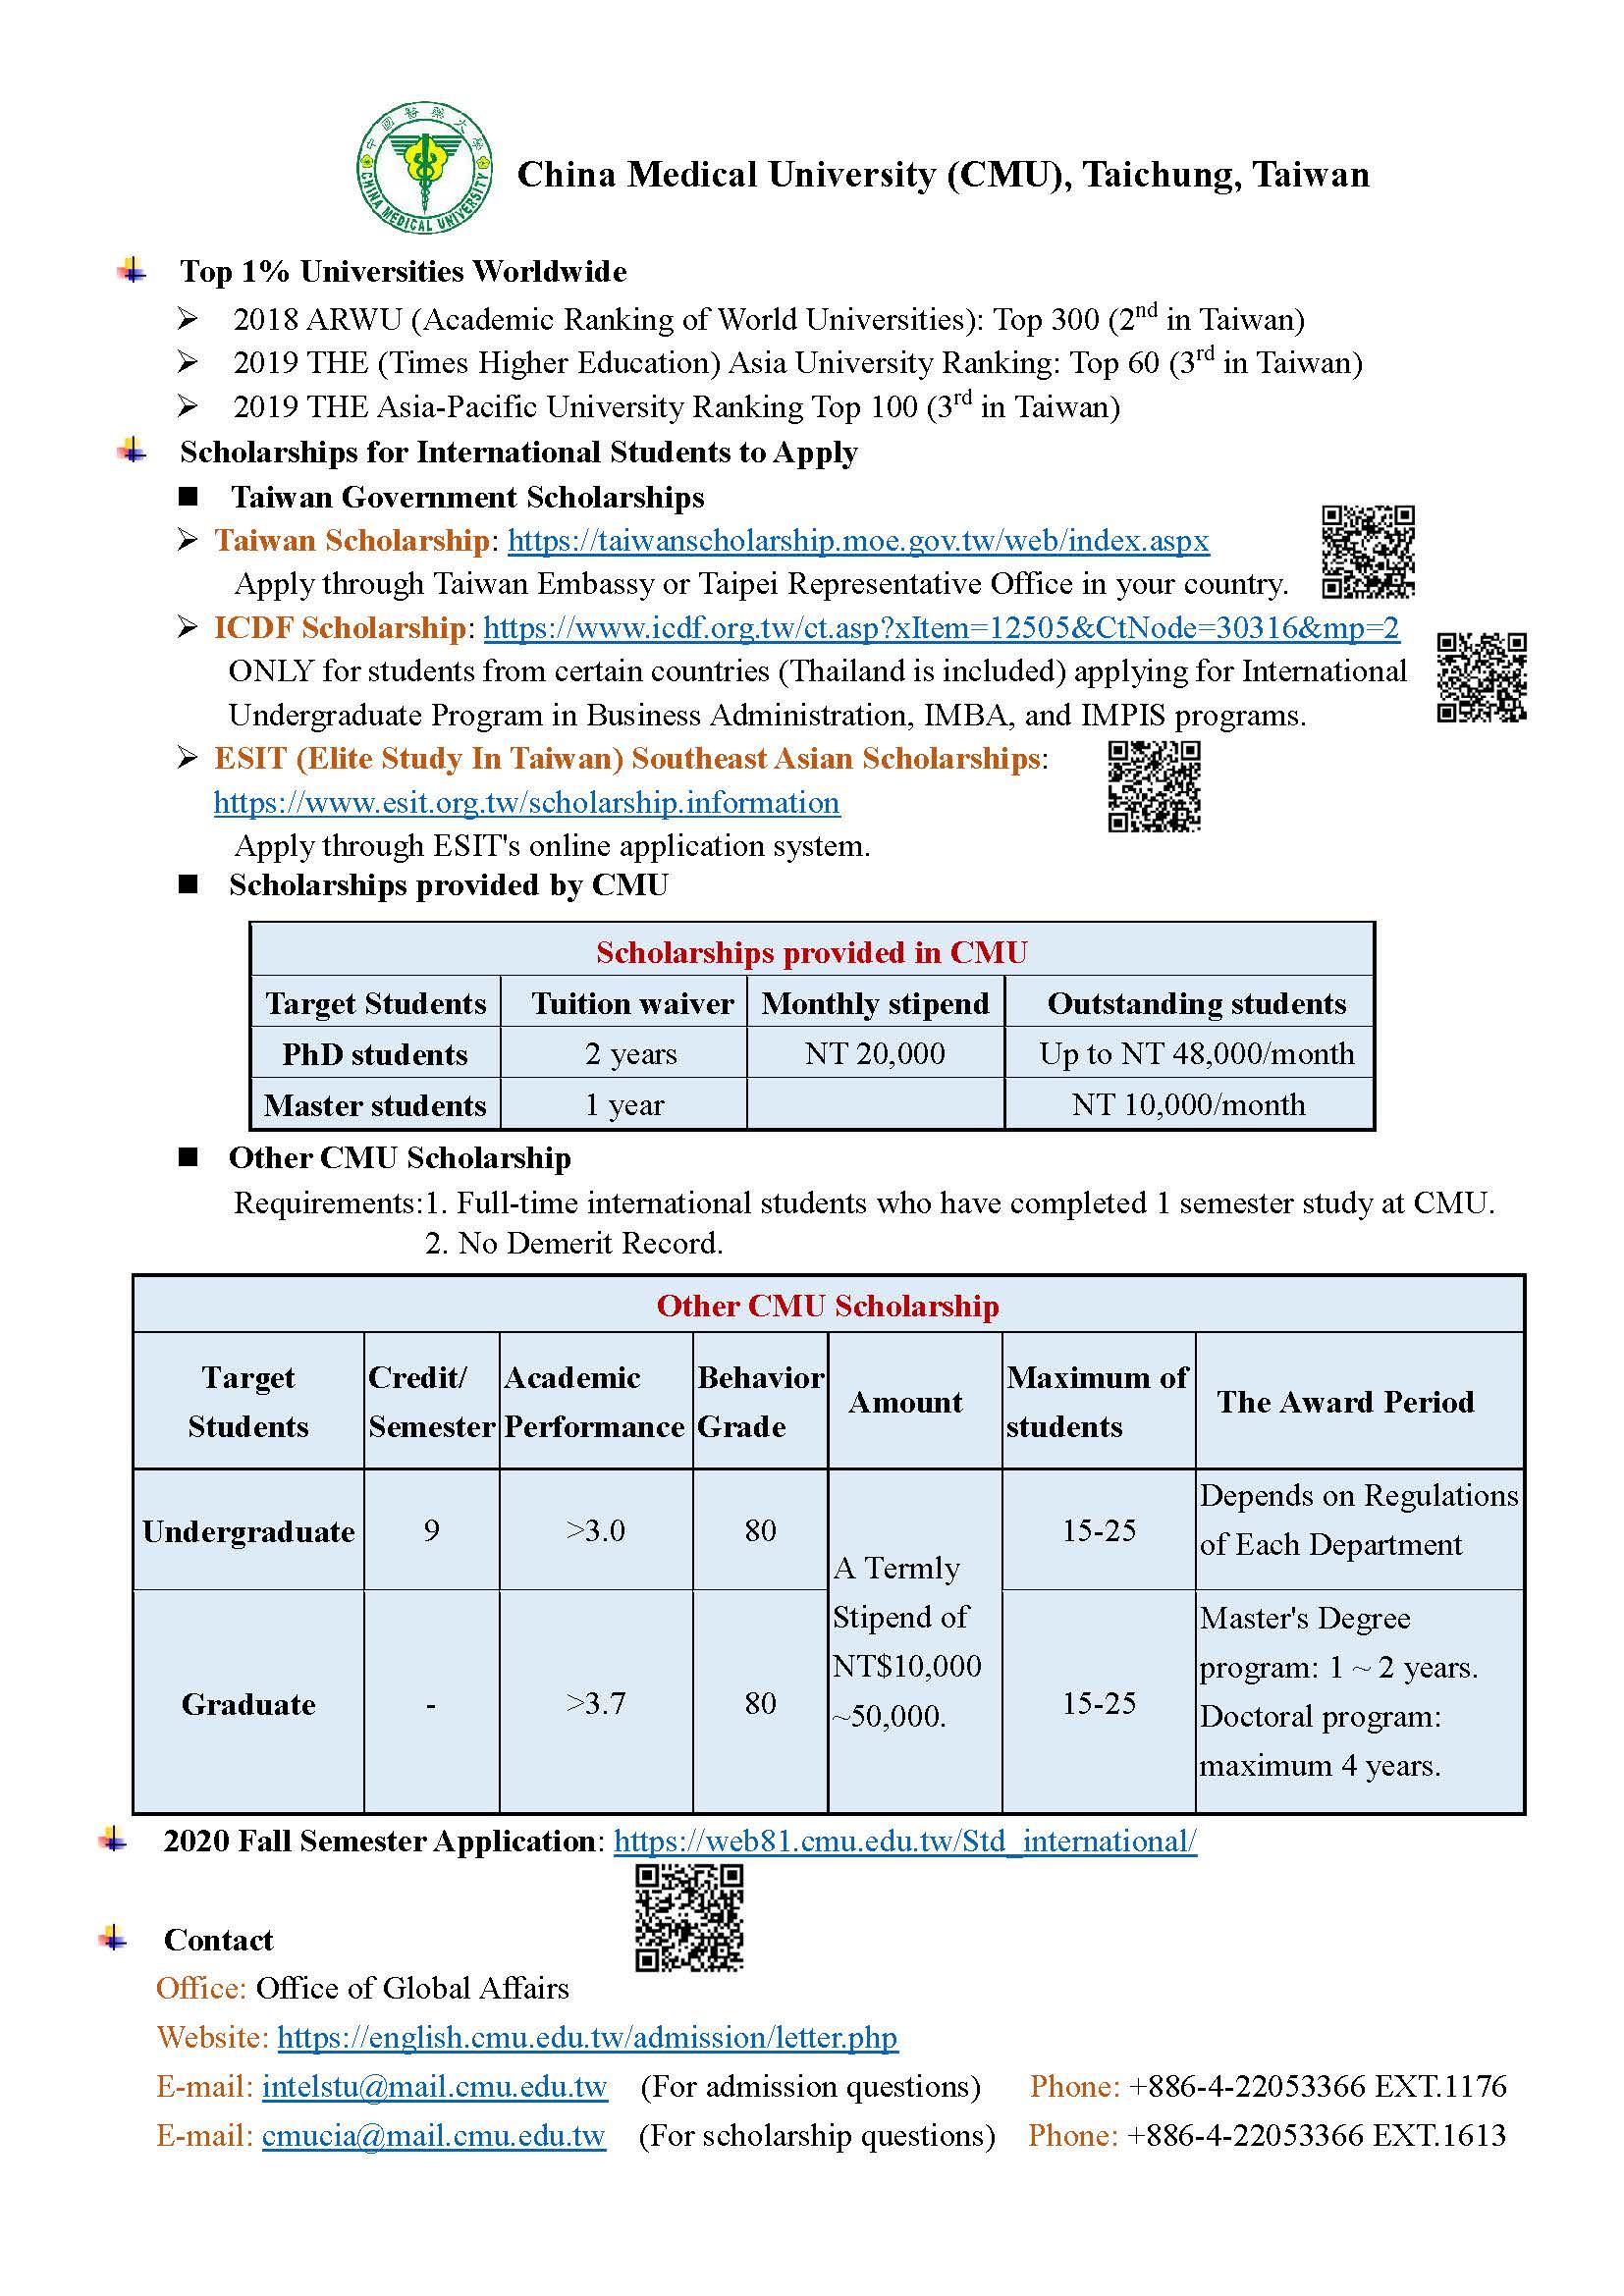 2020 China Medical University (CMU) scholarships